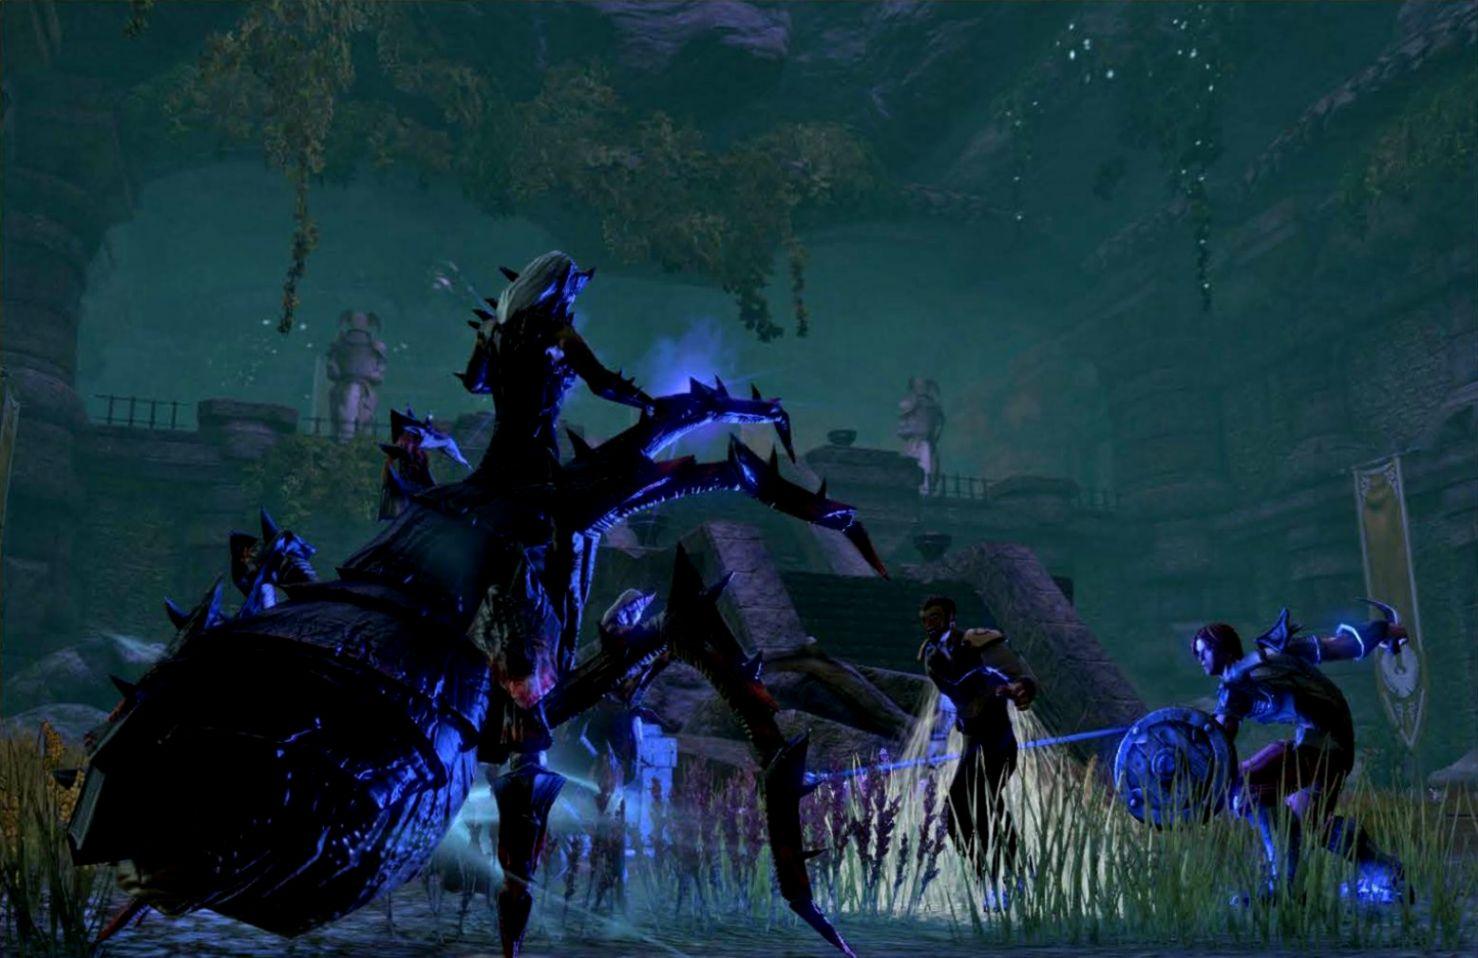 The Elder Scrolls Online Black Marsh Screen Hd Wallpaper | Zedge